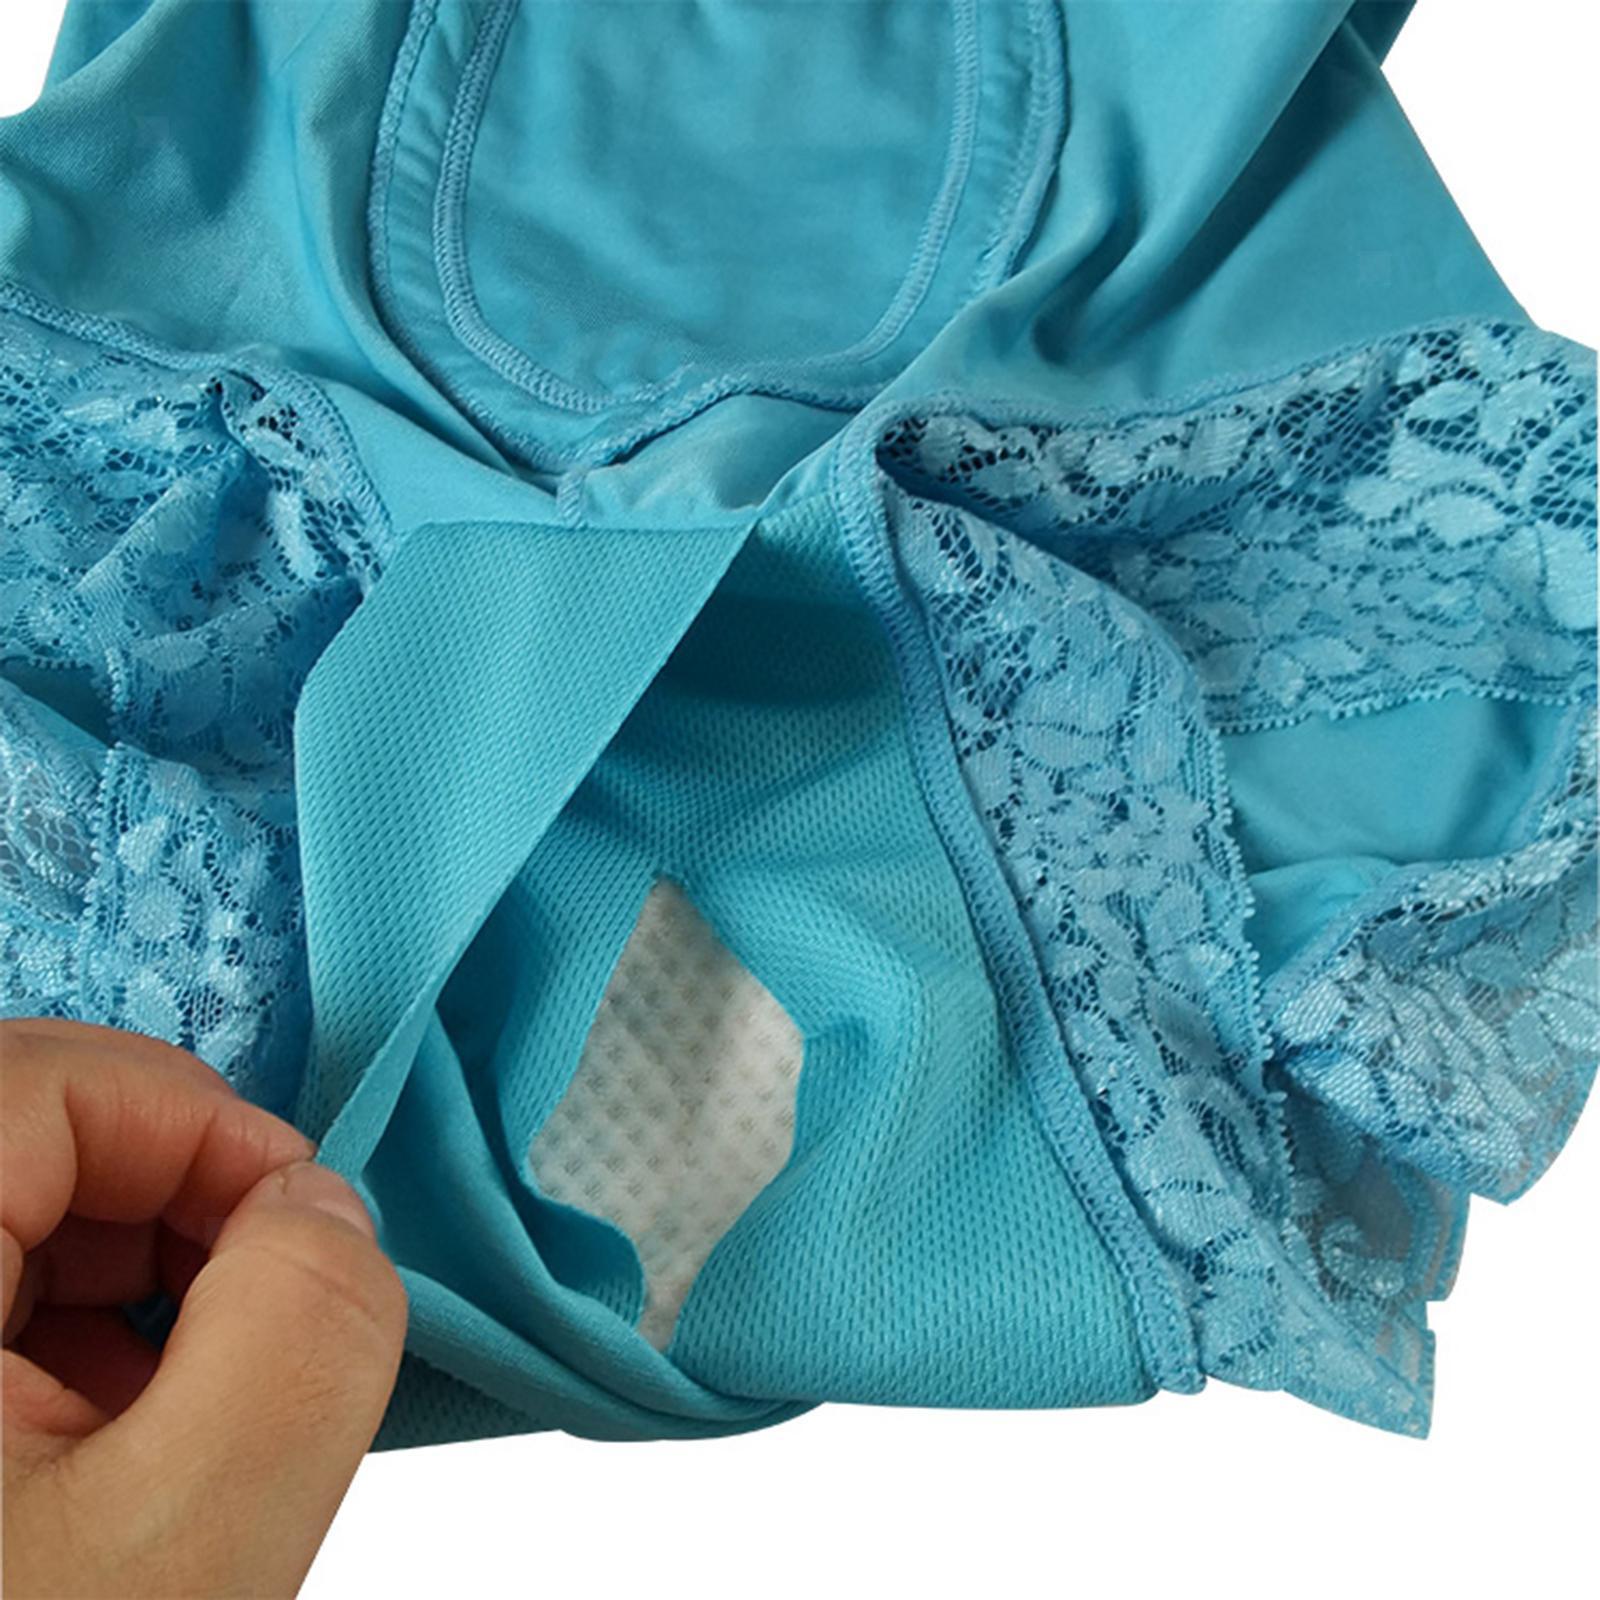 Indexbild 41 - Wiederverwendbare Inkontinenz Unterwäsche mit Pad für Frauen Menstruations